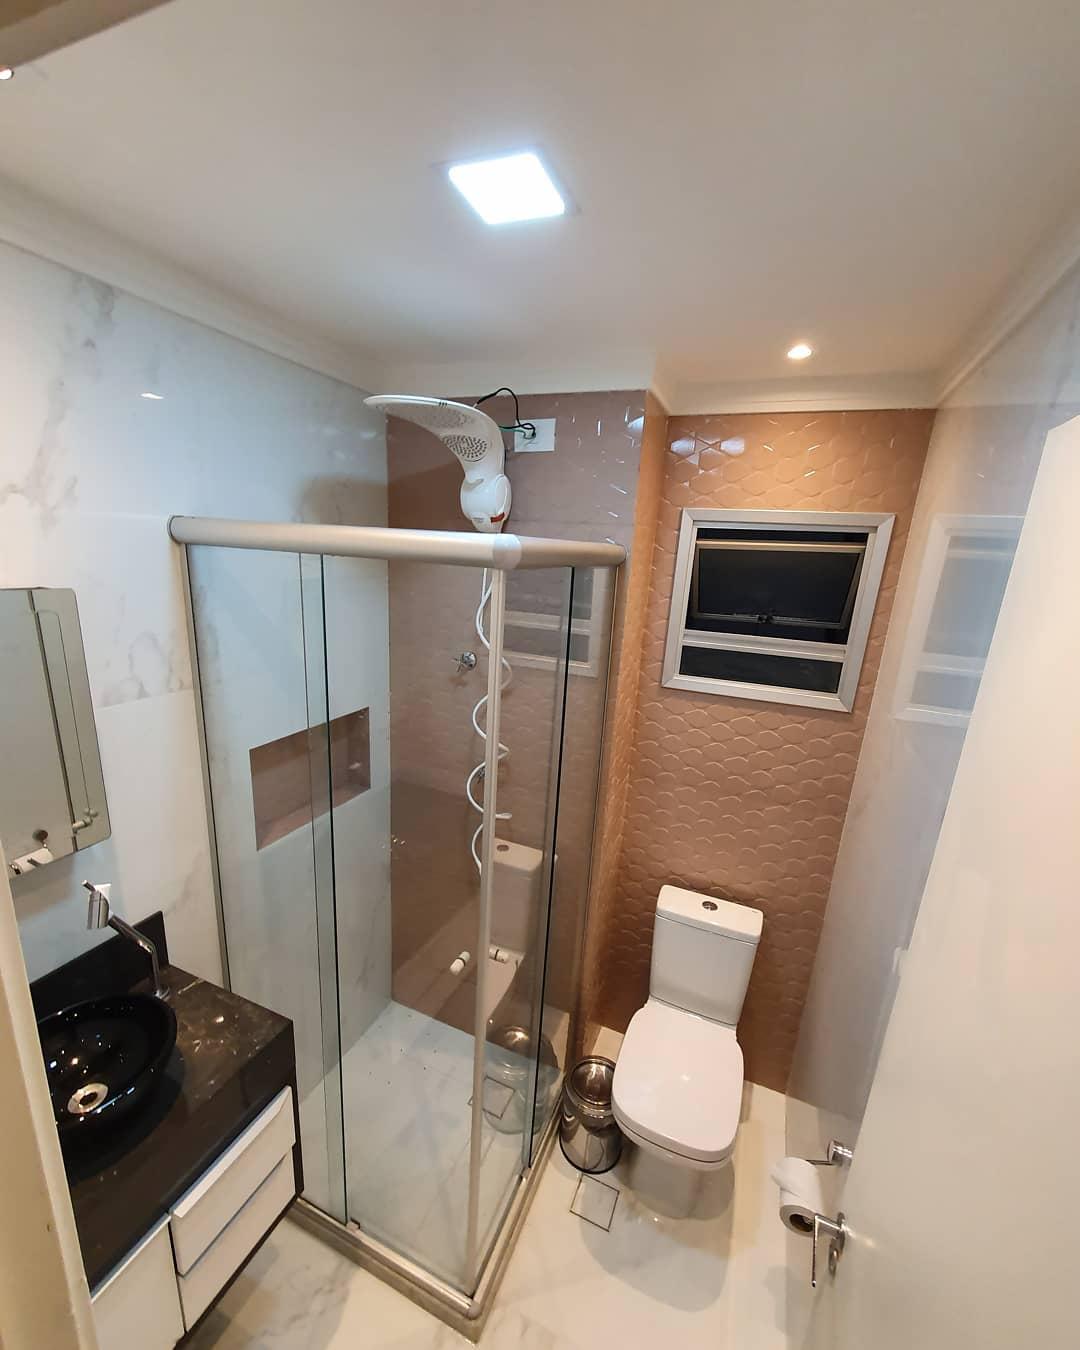 Banheiro simples com azulejo tridimensional marrom.